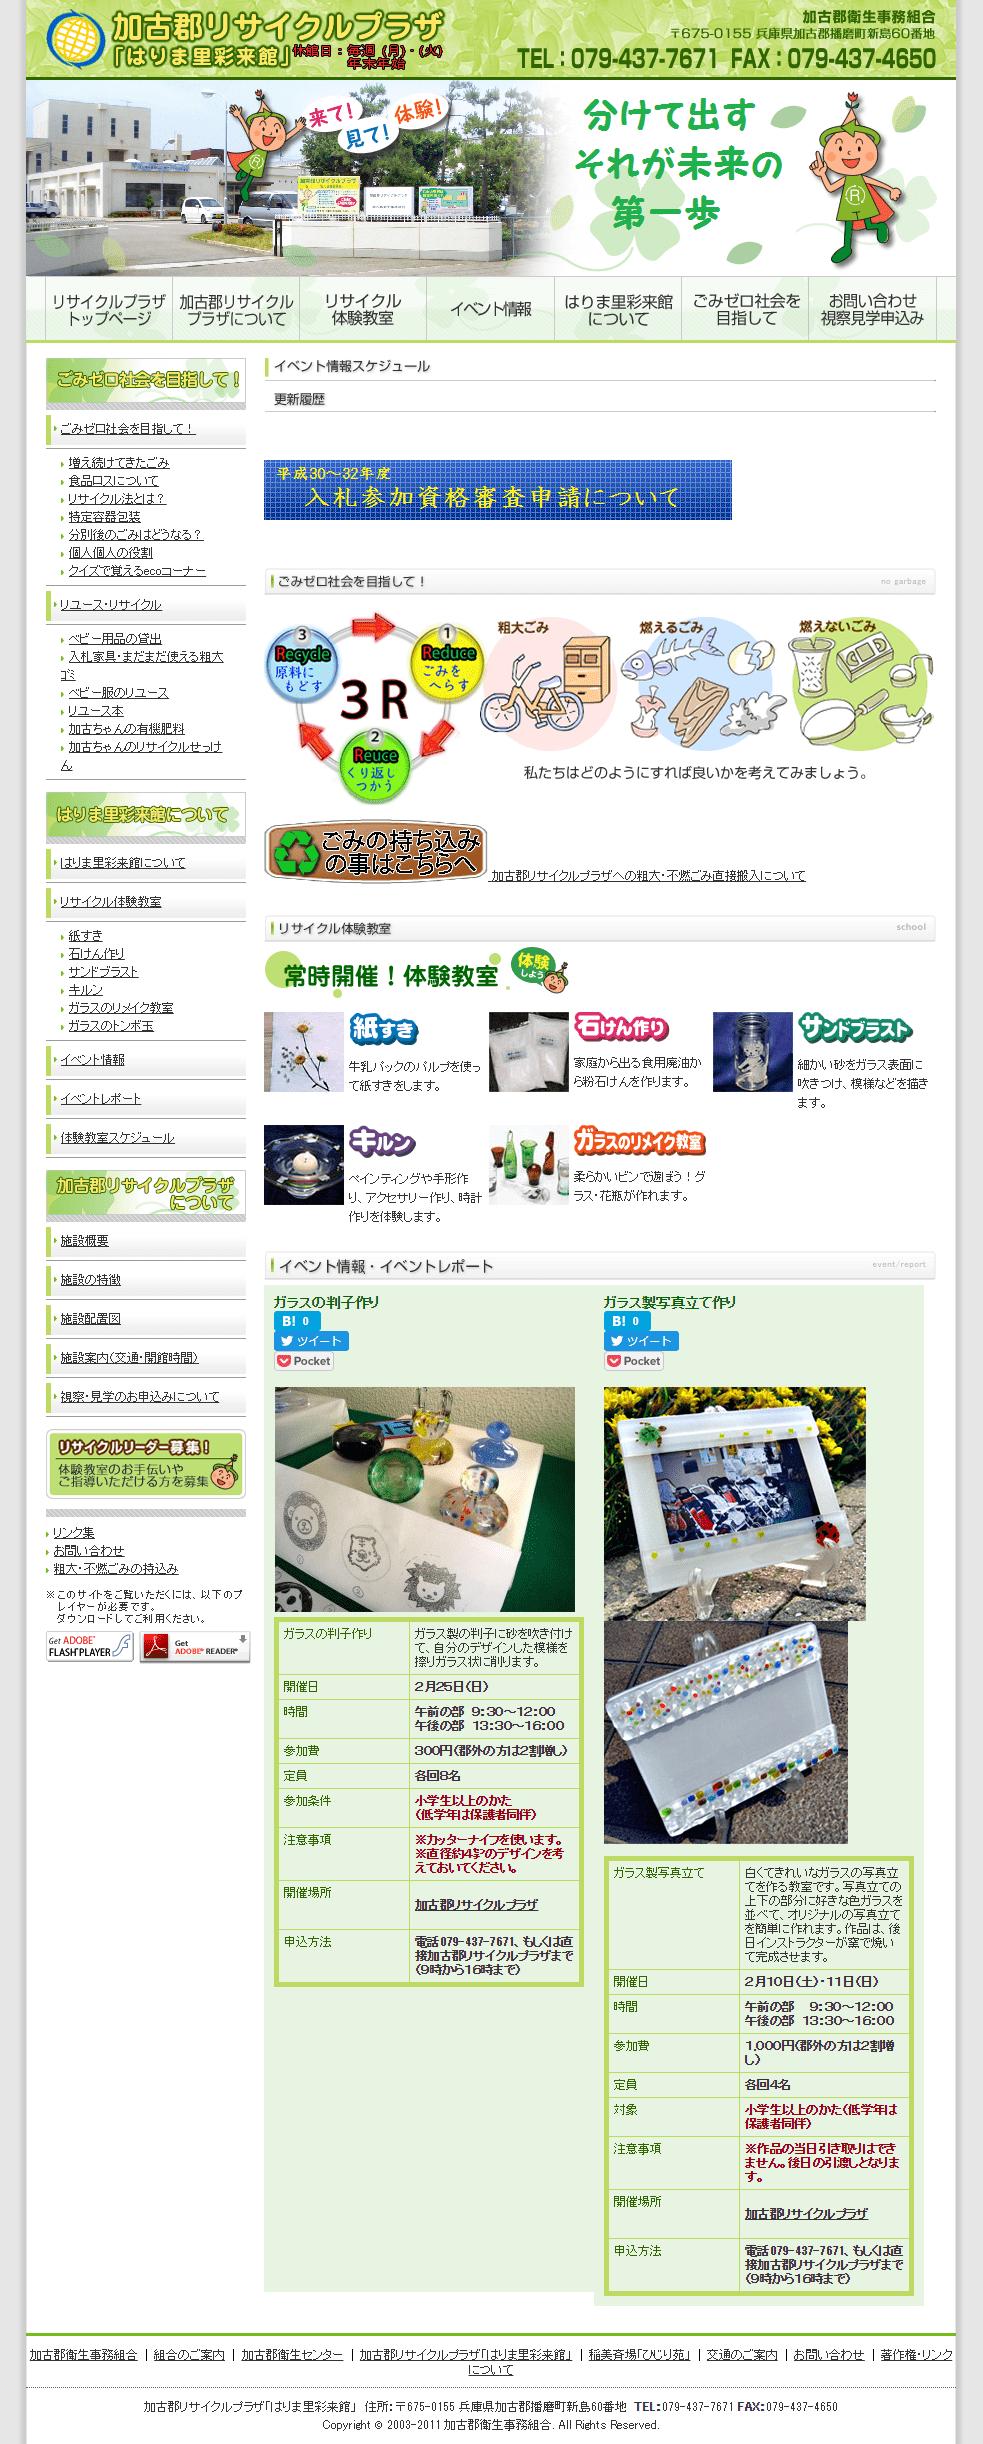 加古郡 加古郡リサイクルプラザ「はりま里彩来館」 ホームページ制作1